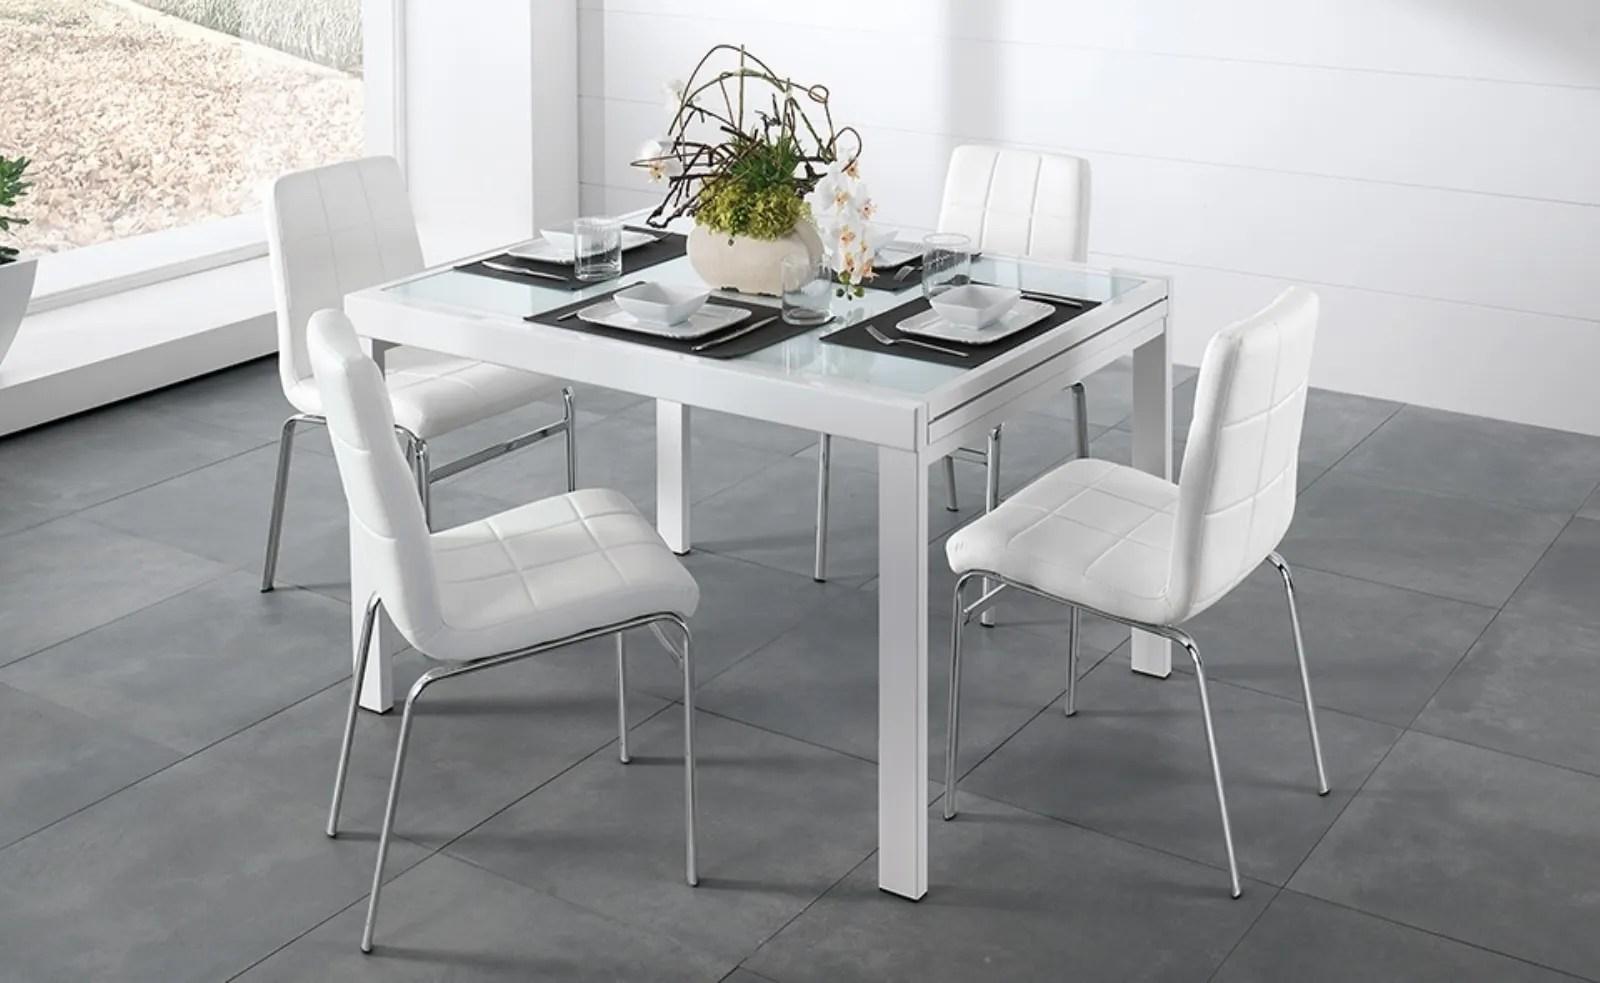 Tavolino divano arte povera bello tavolini salotto rotondi terredelgentile jake vintage. Acquistare Tavolo Mondo Convenienza